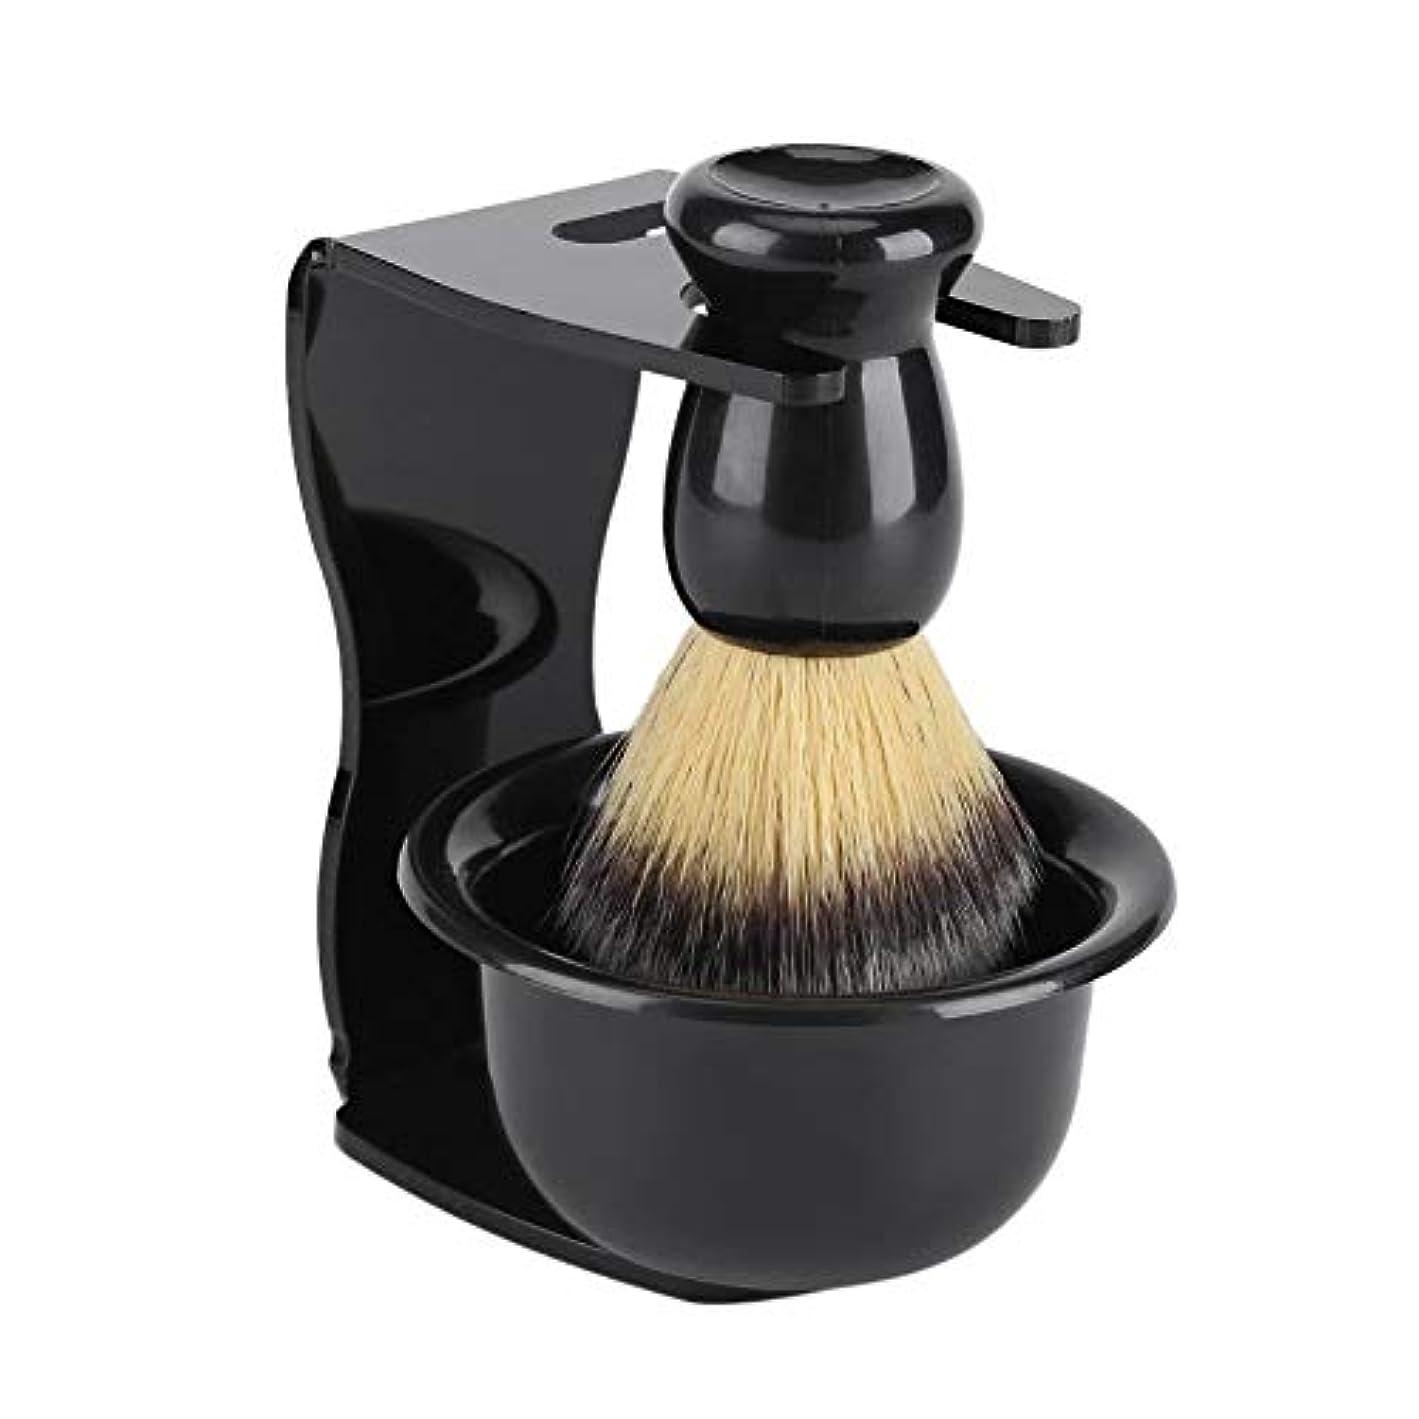 検出可能長椅子サンダー3セットひげブラシ シェービングブラシ プレゼントシェービングブラシセット プラシスタンド 石鹸ボウル 理容 洗顔 髭剃り